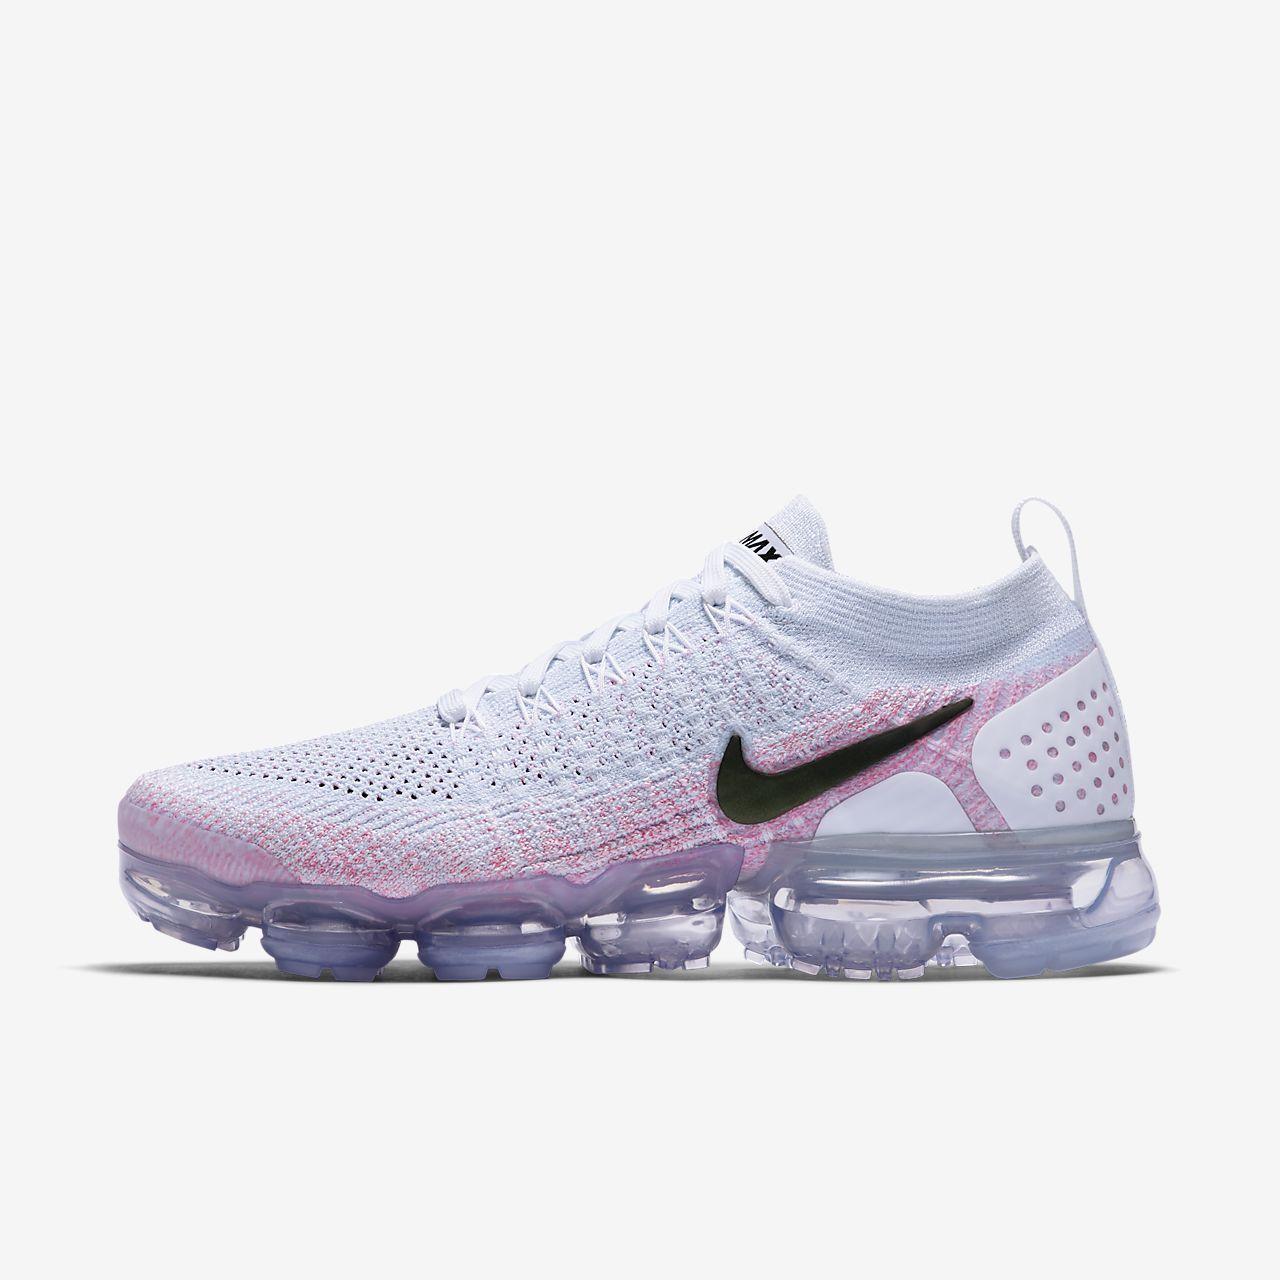 newest 8e5a8 4f421 Nike Air VaporMax Flyknit 2 Women's Running Shoe | Sneaker ...